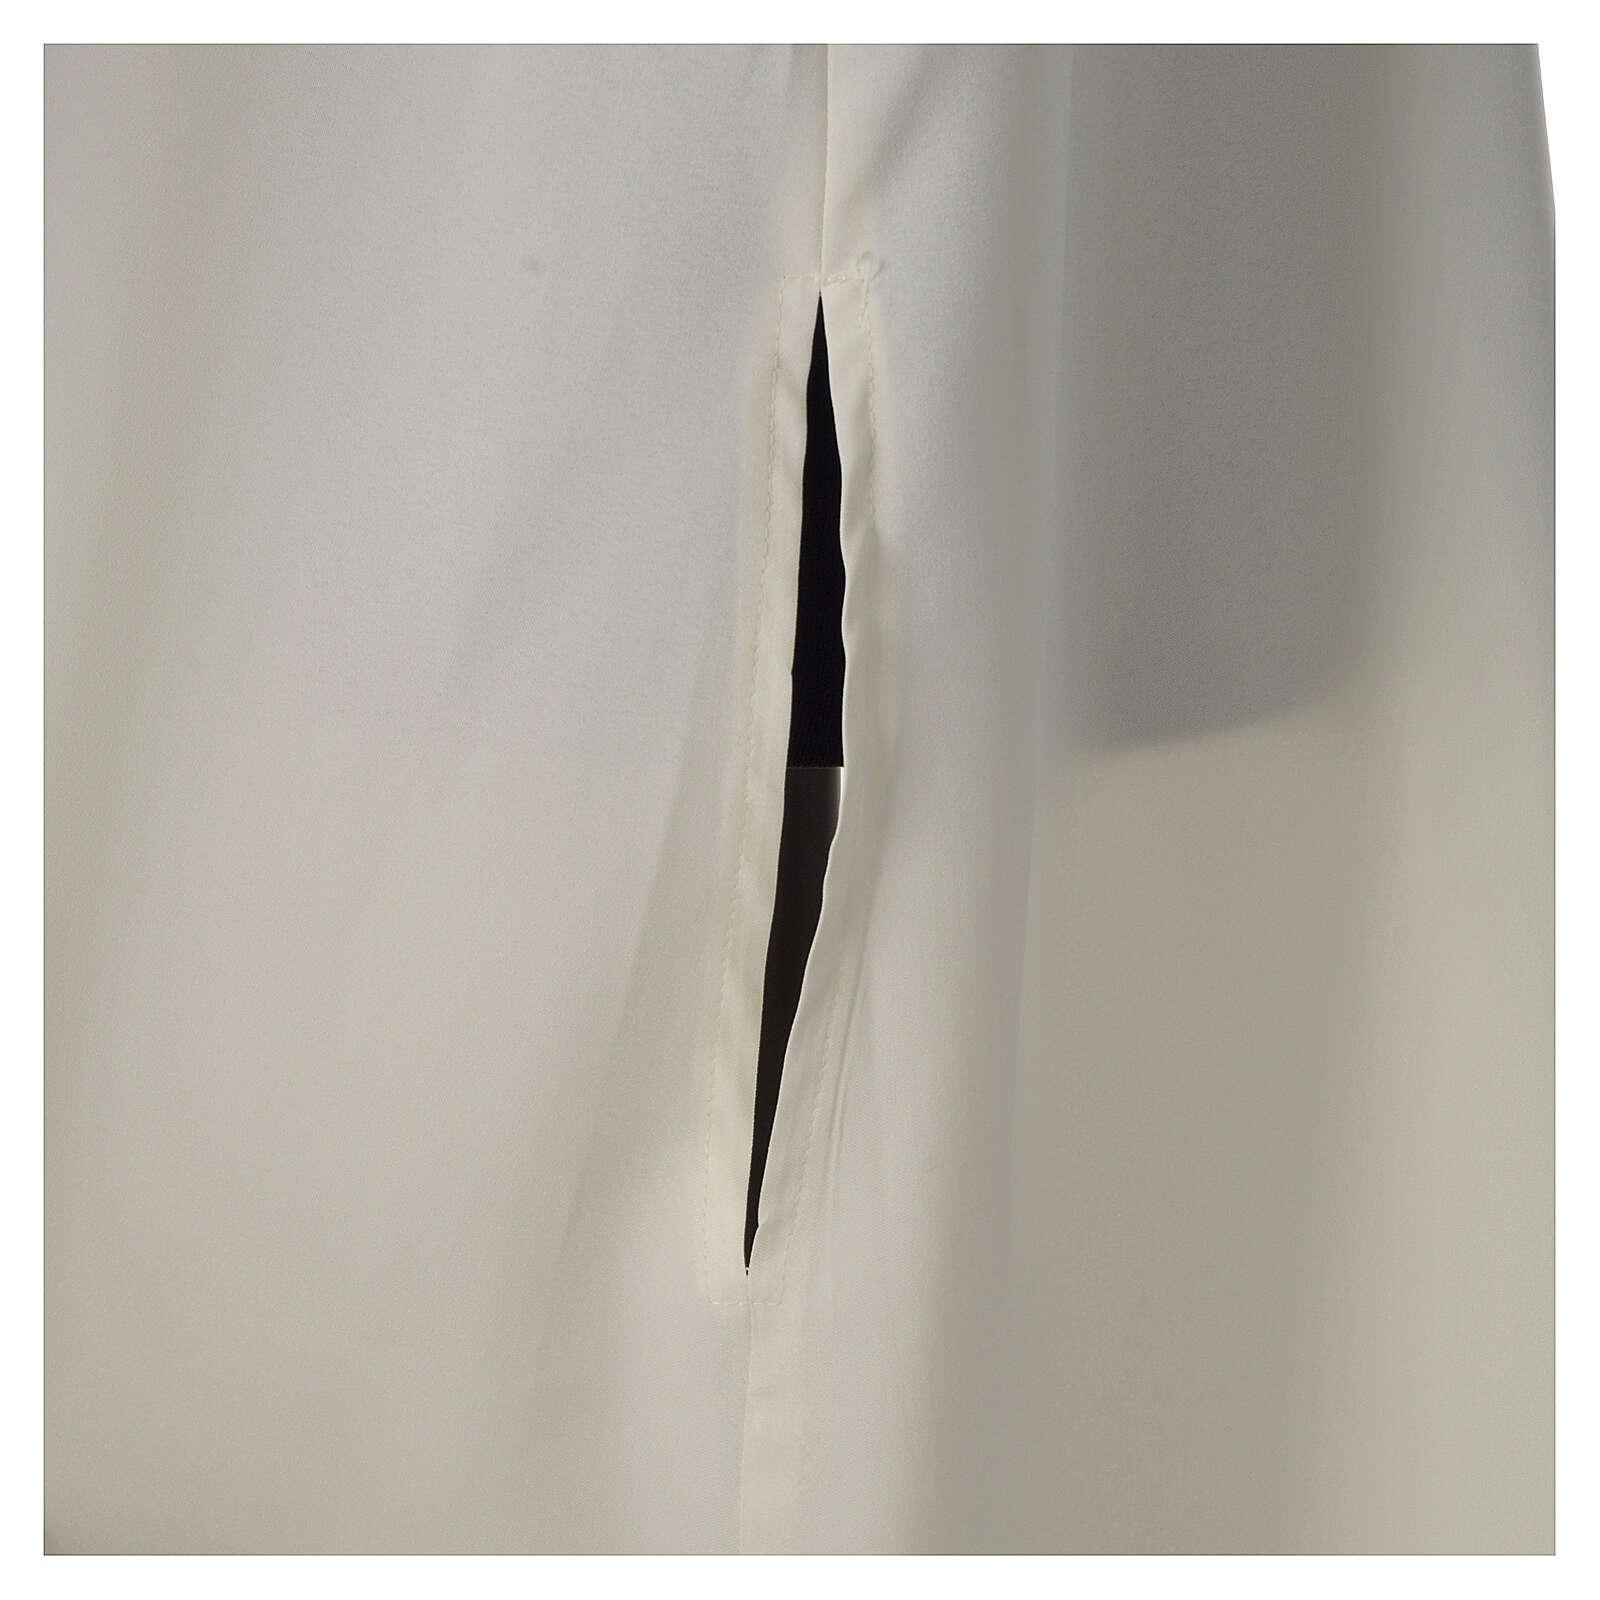 Alba marfil microfibra poliéster abocinada con capucha falsa 4